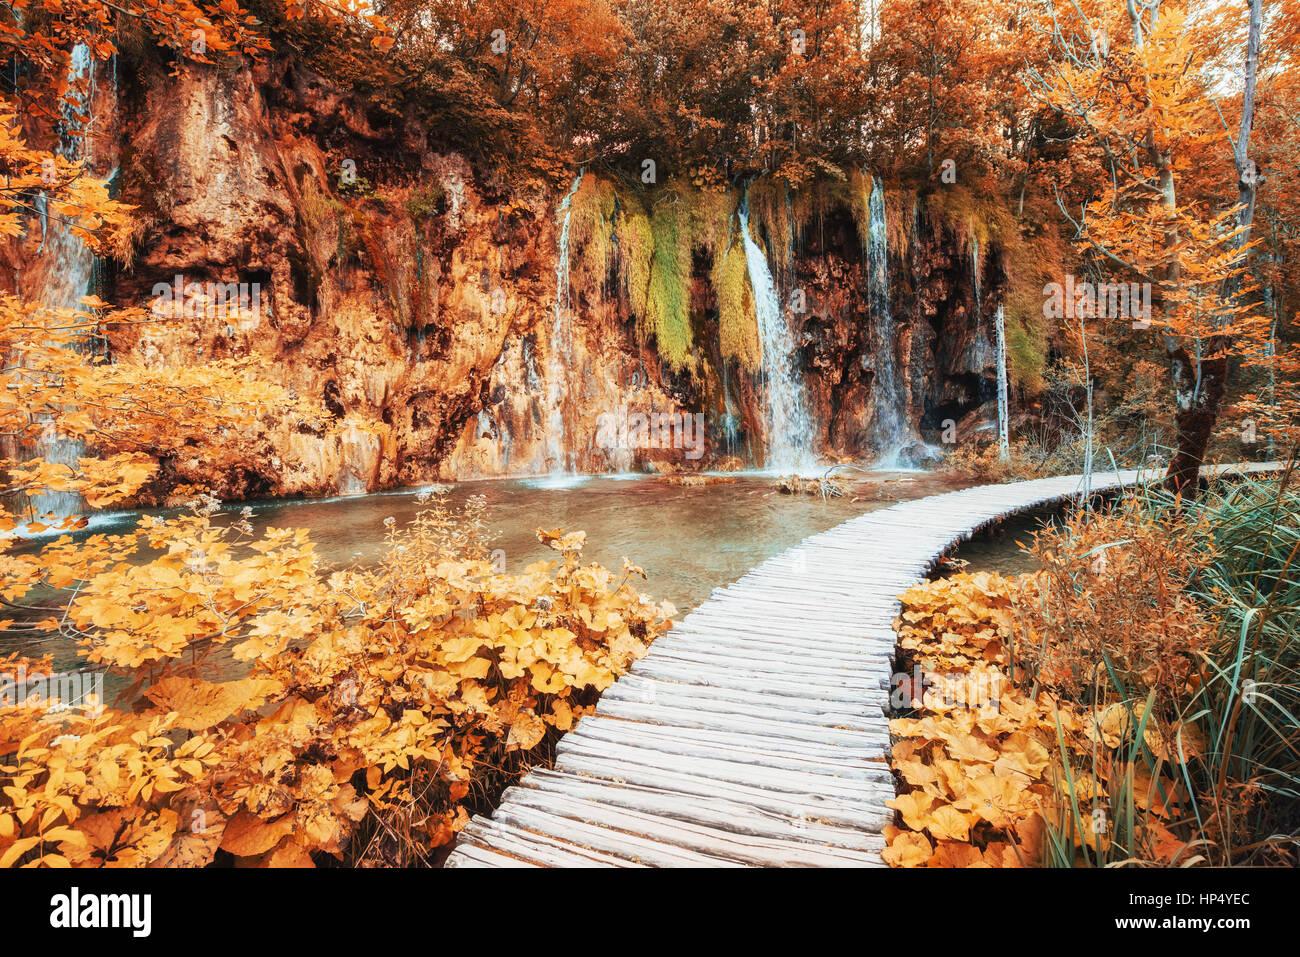 Fantásticas vistas de las cascadas de agua azul turquesa y la luz del sol Imagen De Stock